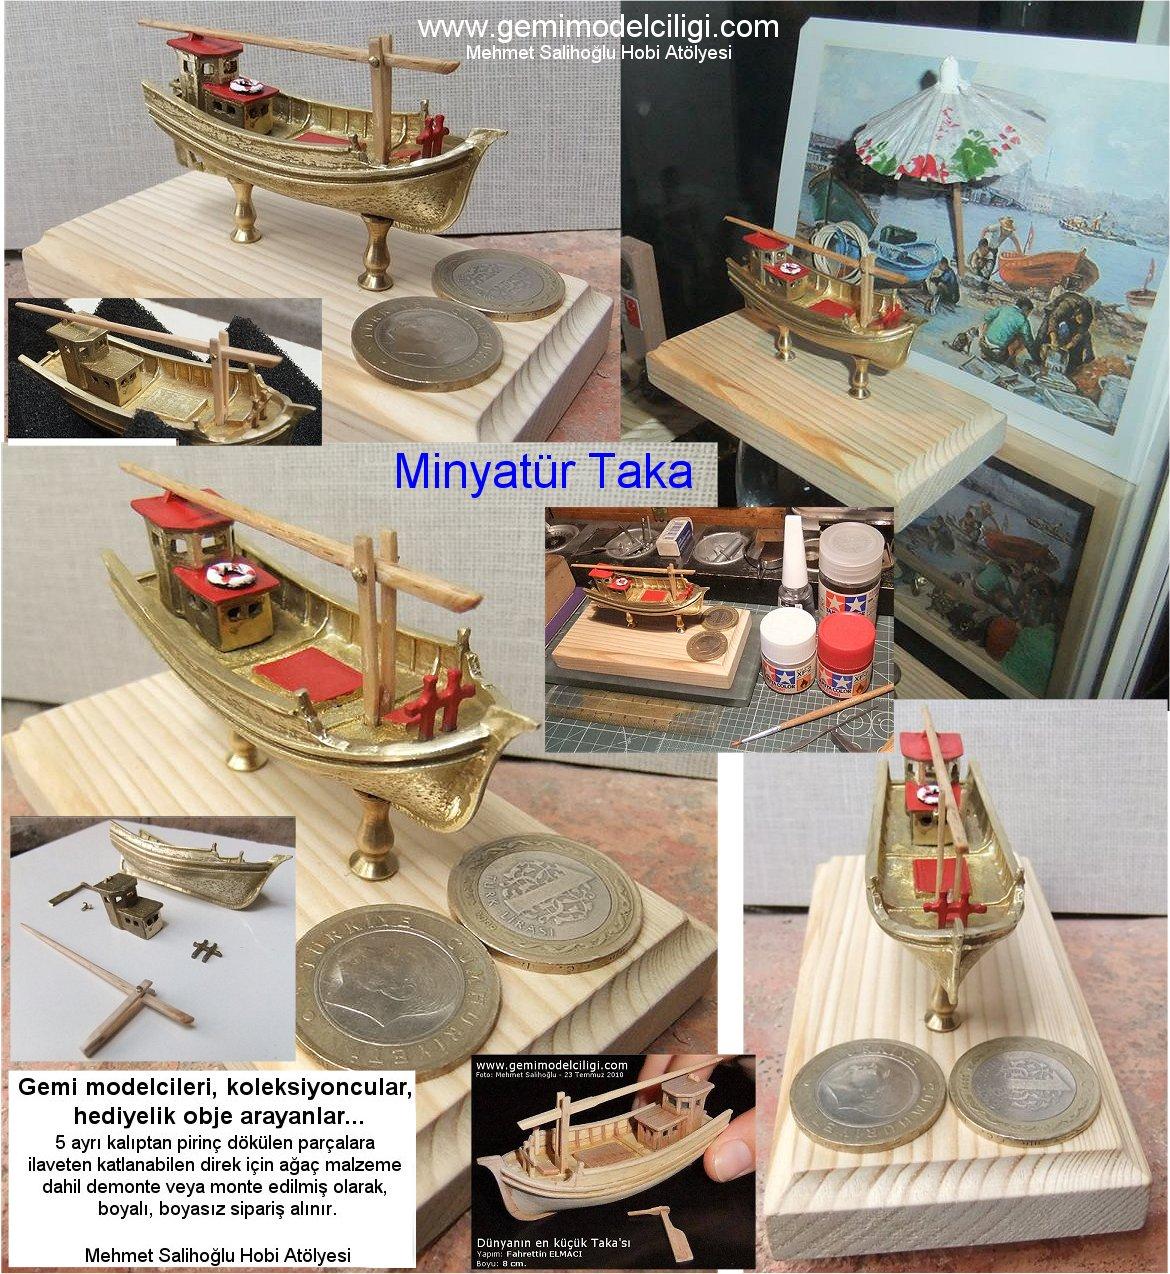 Şişe Mantarından Yelkenli Yapımı